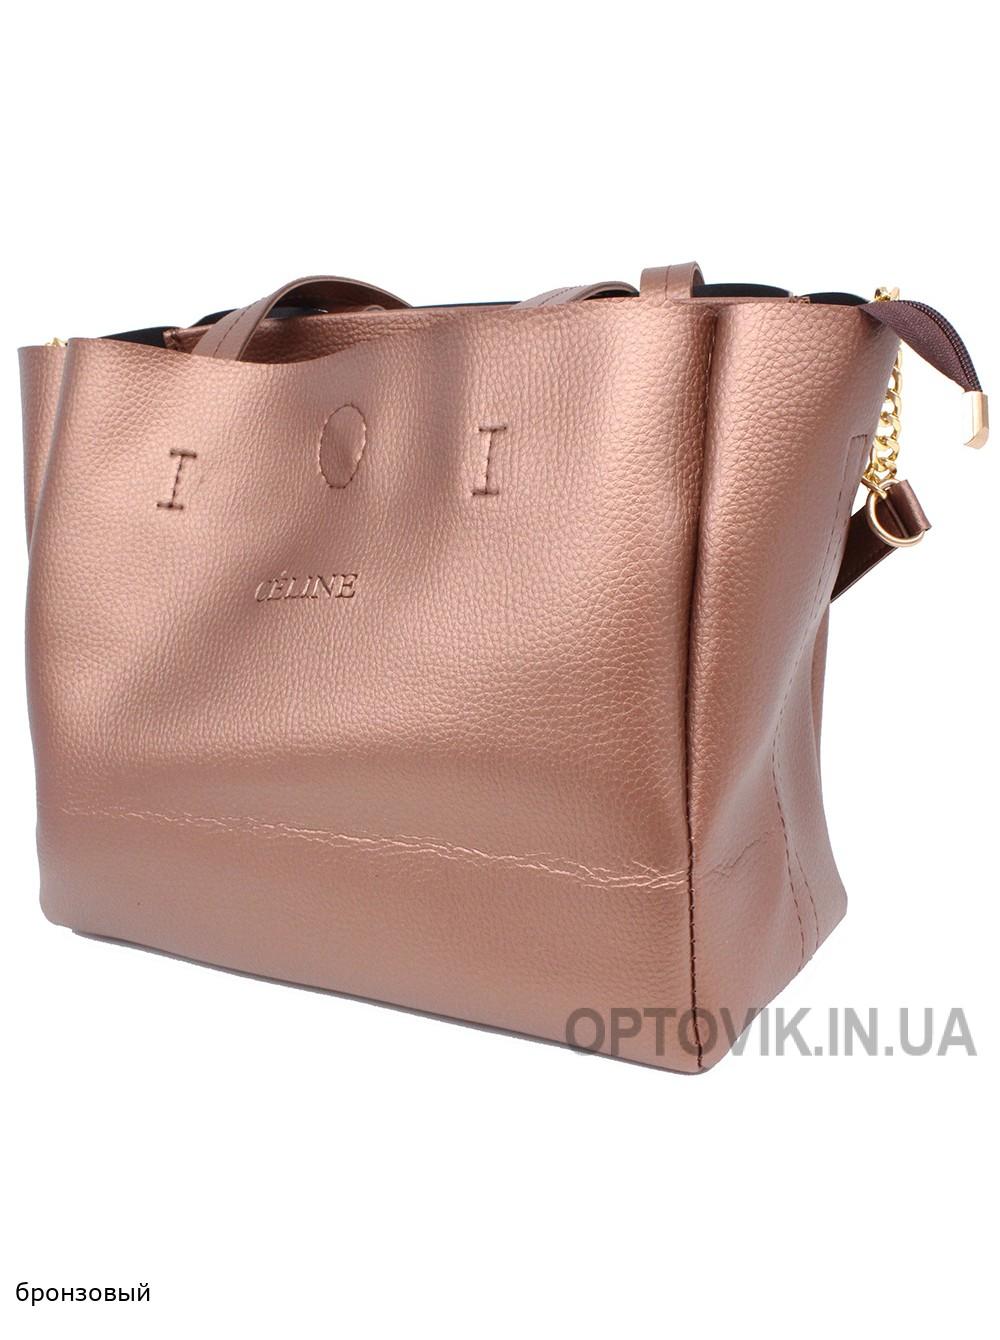 Женская модельная сумка Celine кожзам 32х26х17 - Ci101-125